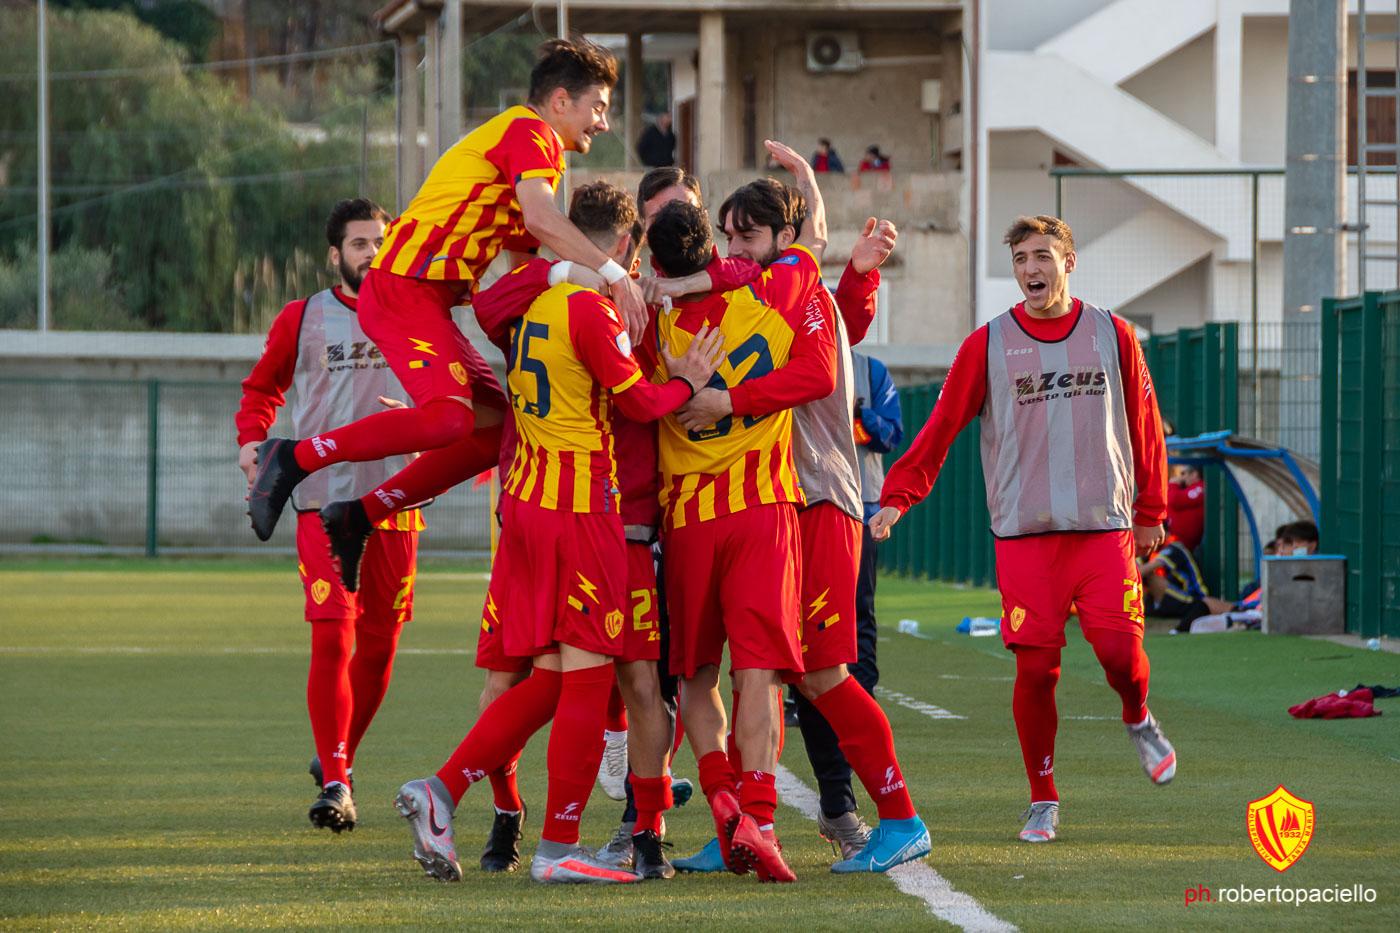 Polisportiva Santa Maria 3-0 Biancavilla ,la sintesi